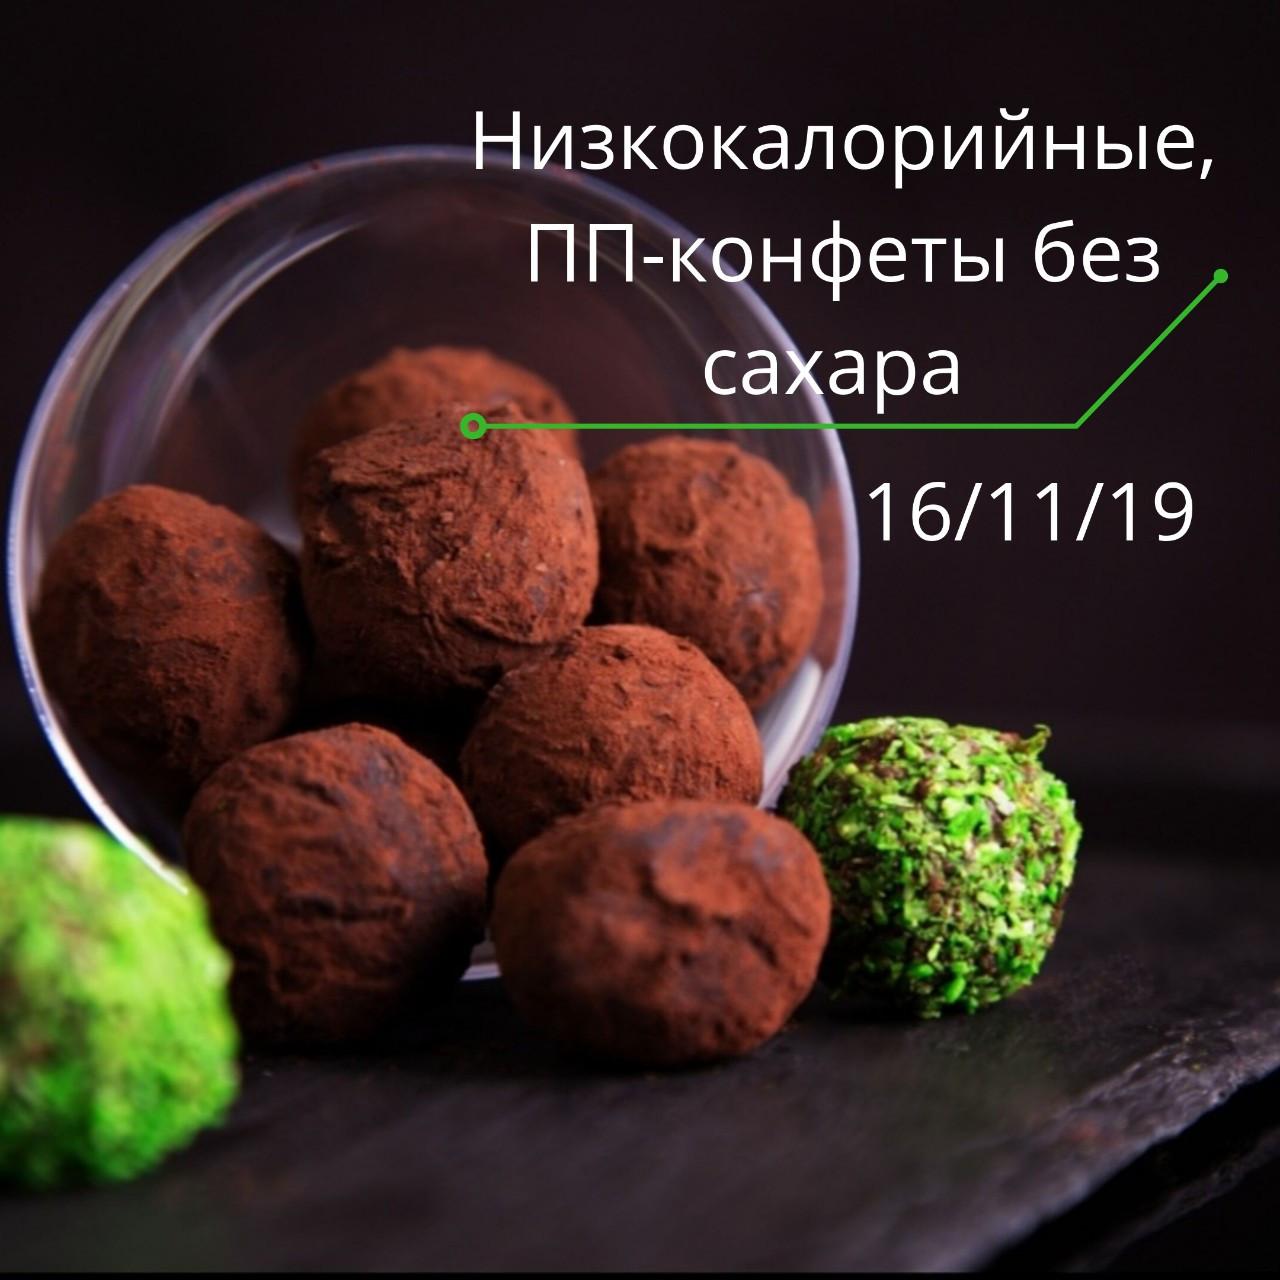 """Авторский МК """"Низкокалорийные,ПП-конфеты без сахара"""" 20г., фото 1"""